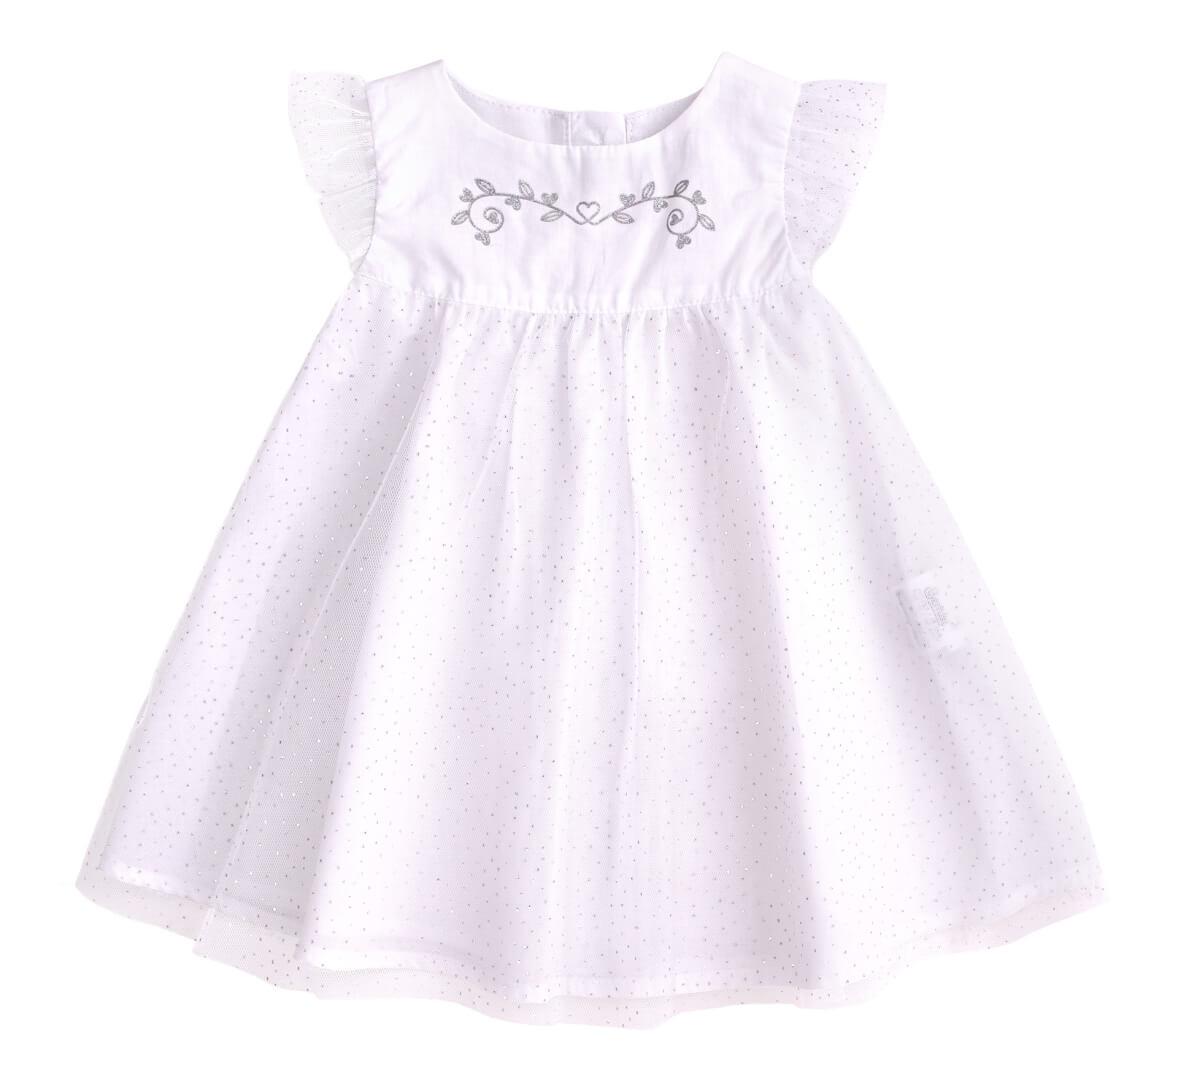 Sukienka-okolicznosciowa-biala-na-chrzest-dla-dziewczynki-bembi-kolekcja-newborn-dla-niemowlat-PL254_01a